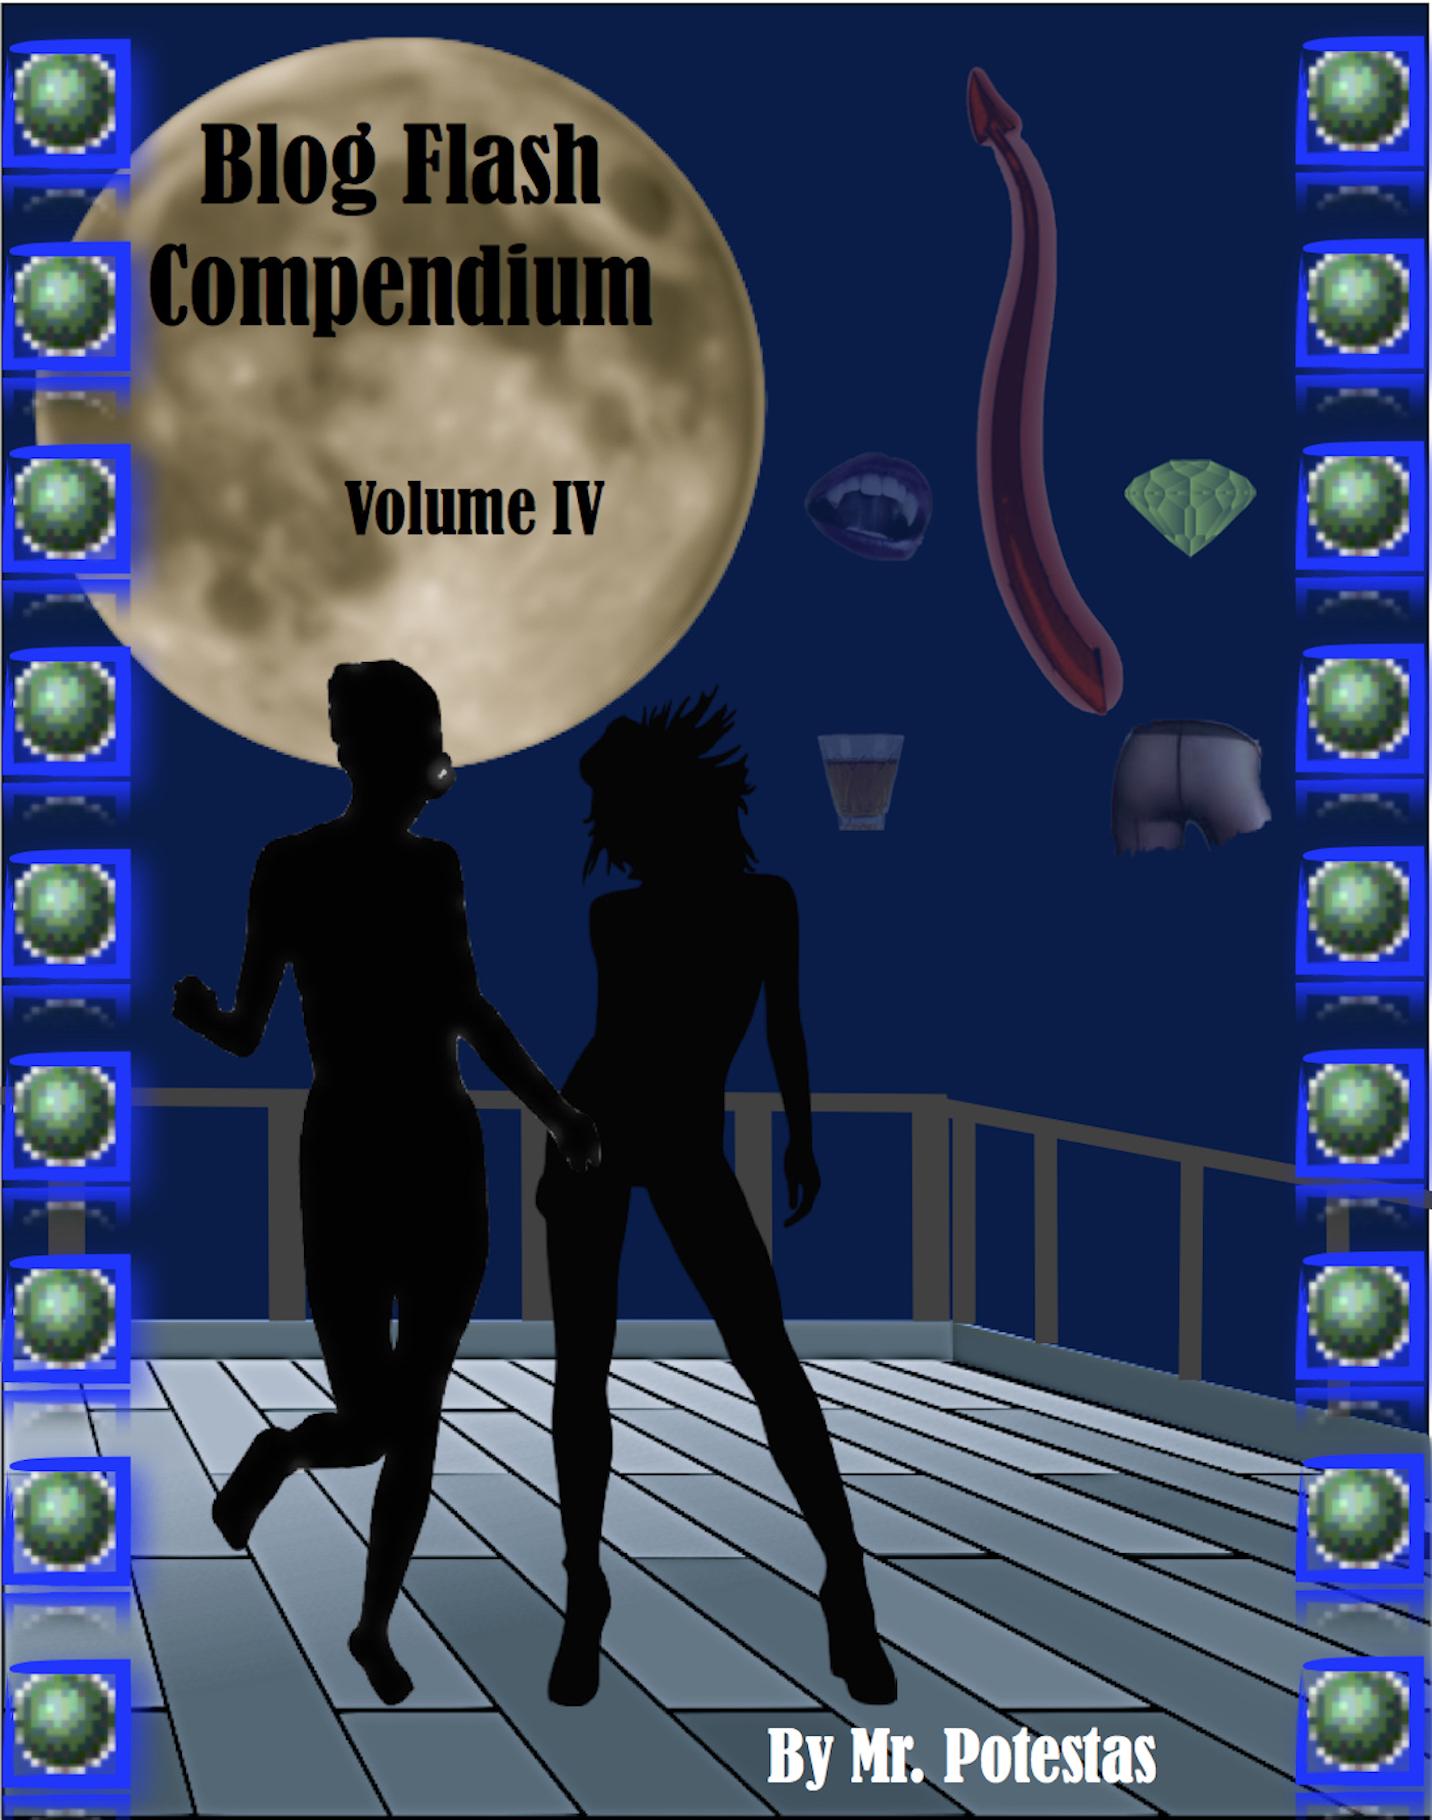 Blog Flash Compendium: Volume IV